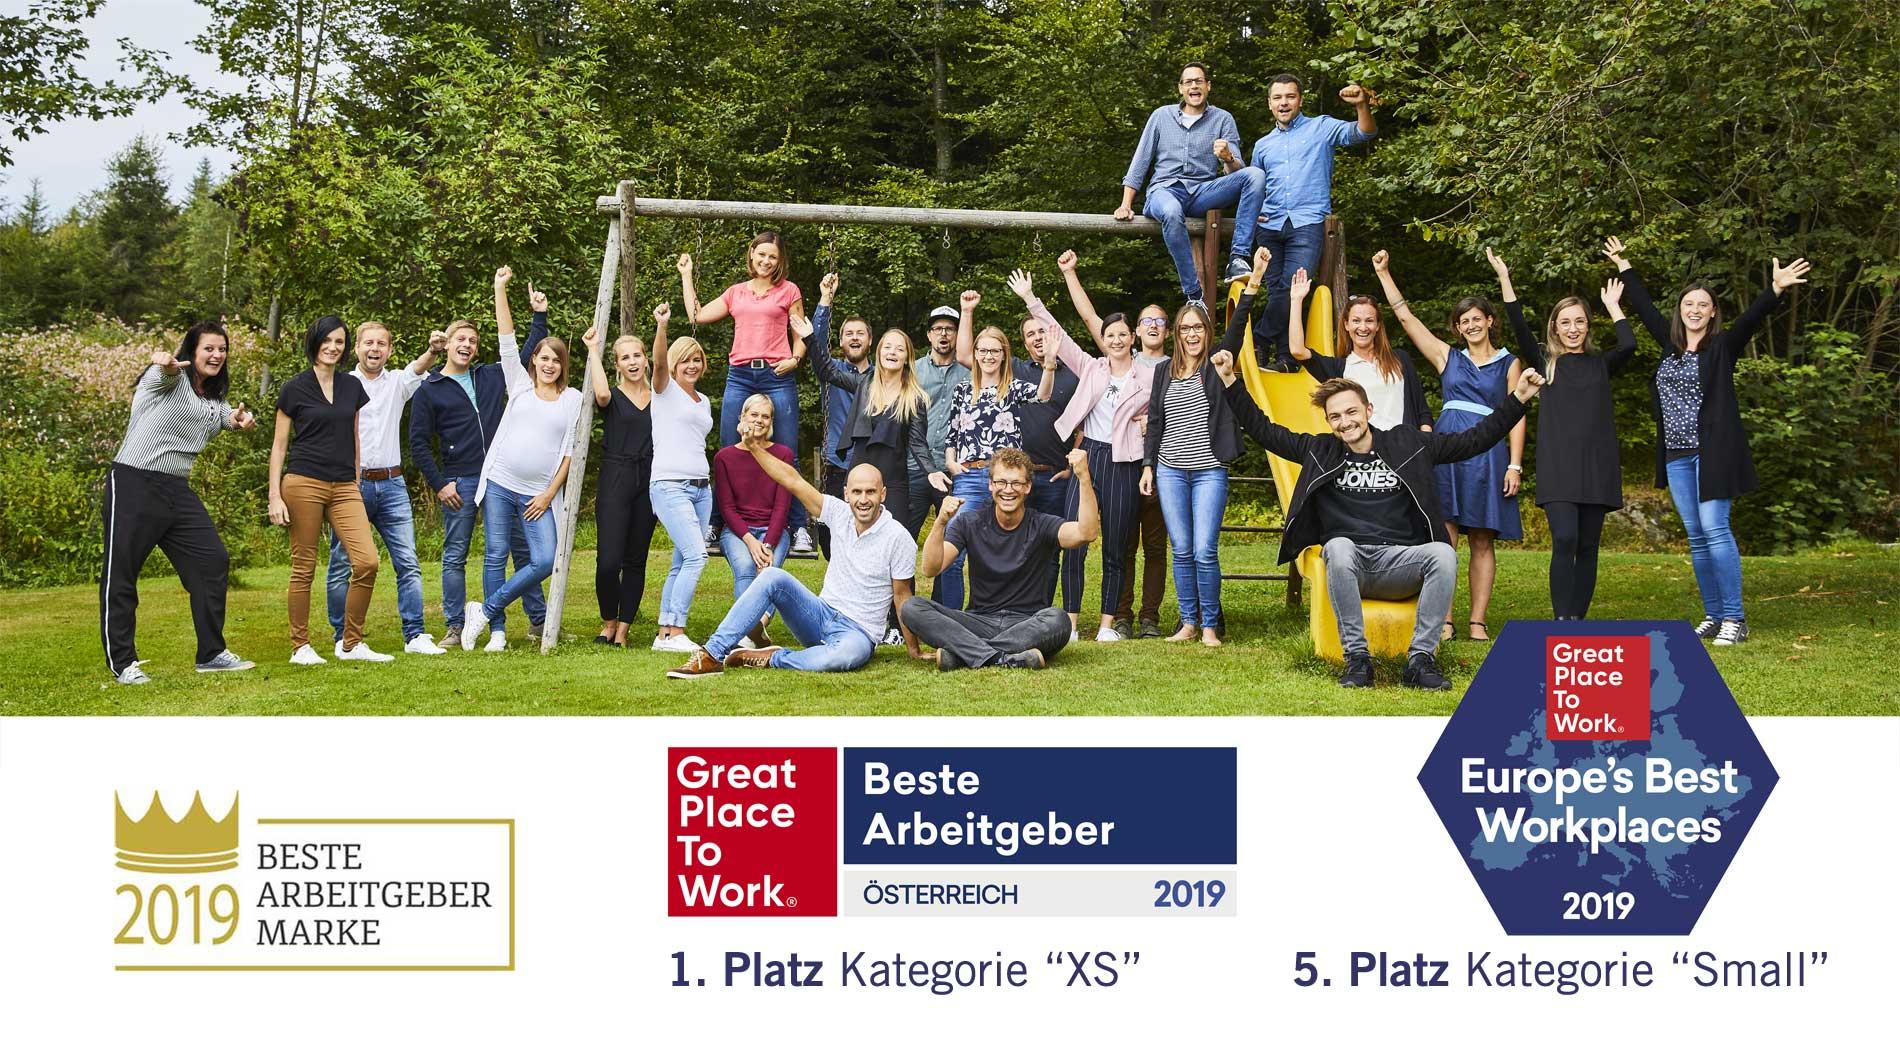 Bester Arbeitgeber für Digital Jobs in Oberösterreich - eMagnetix